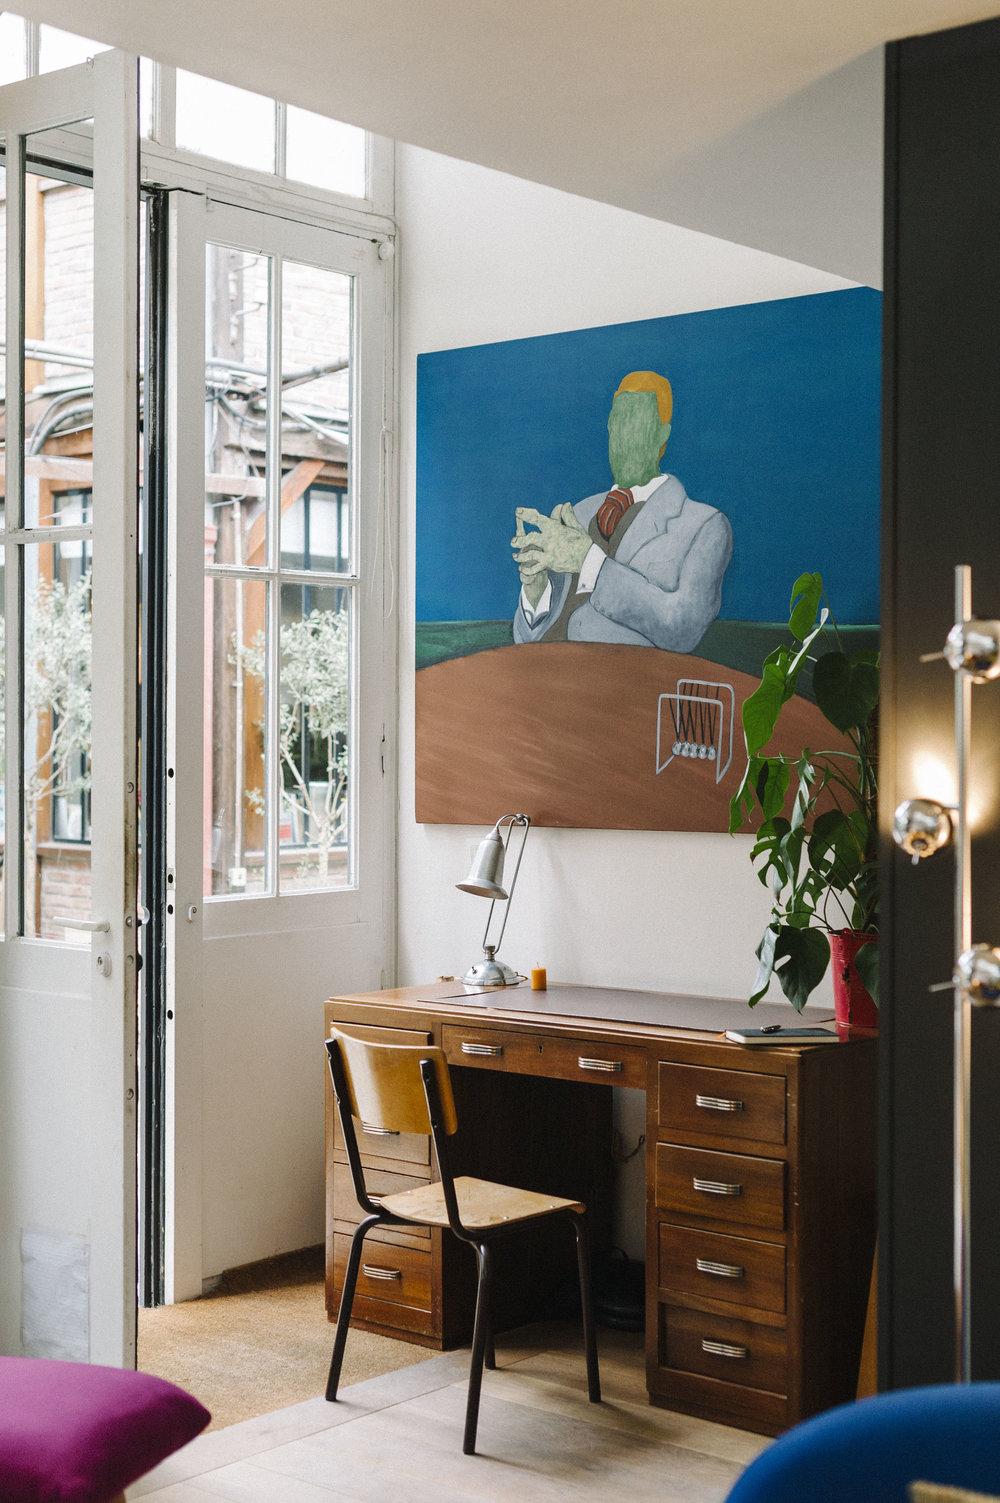 01_lelaptop_spaces_paris.JPG